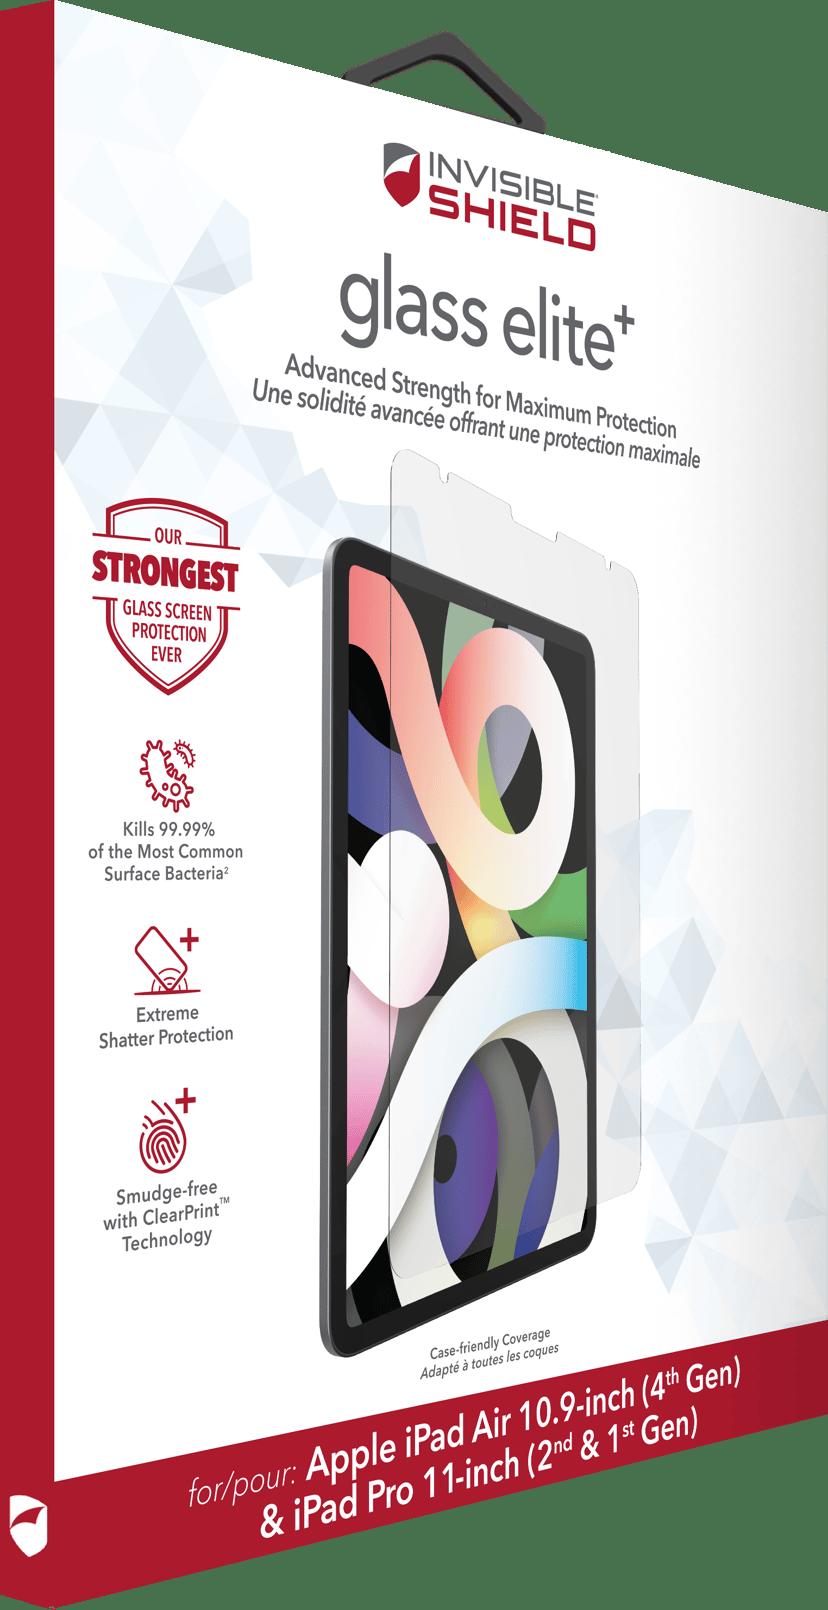 """Zagg InvisibleShield Glass Elite+ iPad Air 10.9"""" (4th gen), iPad Pro 11"""" (1st gen), iPad Pro 11"""" (2nd gen)"""